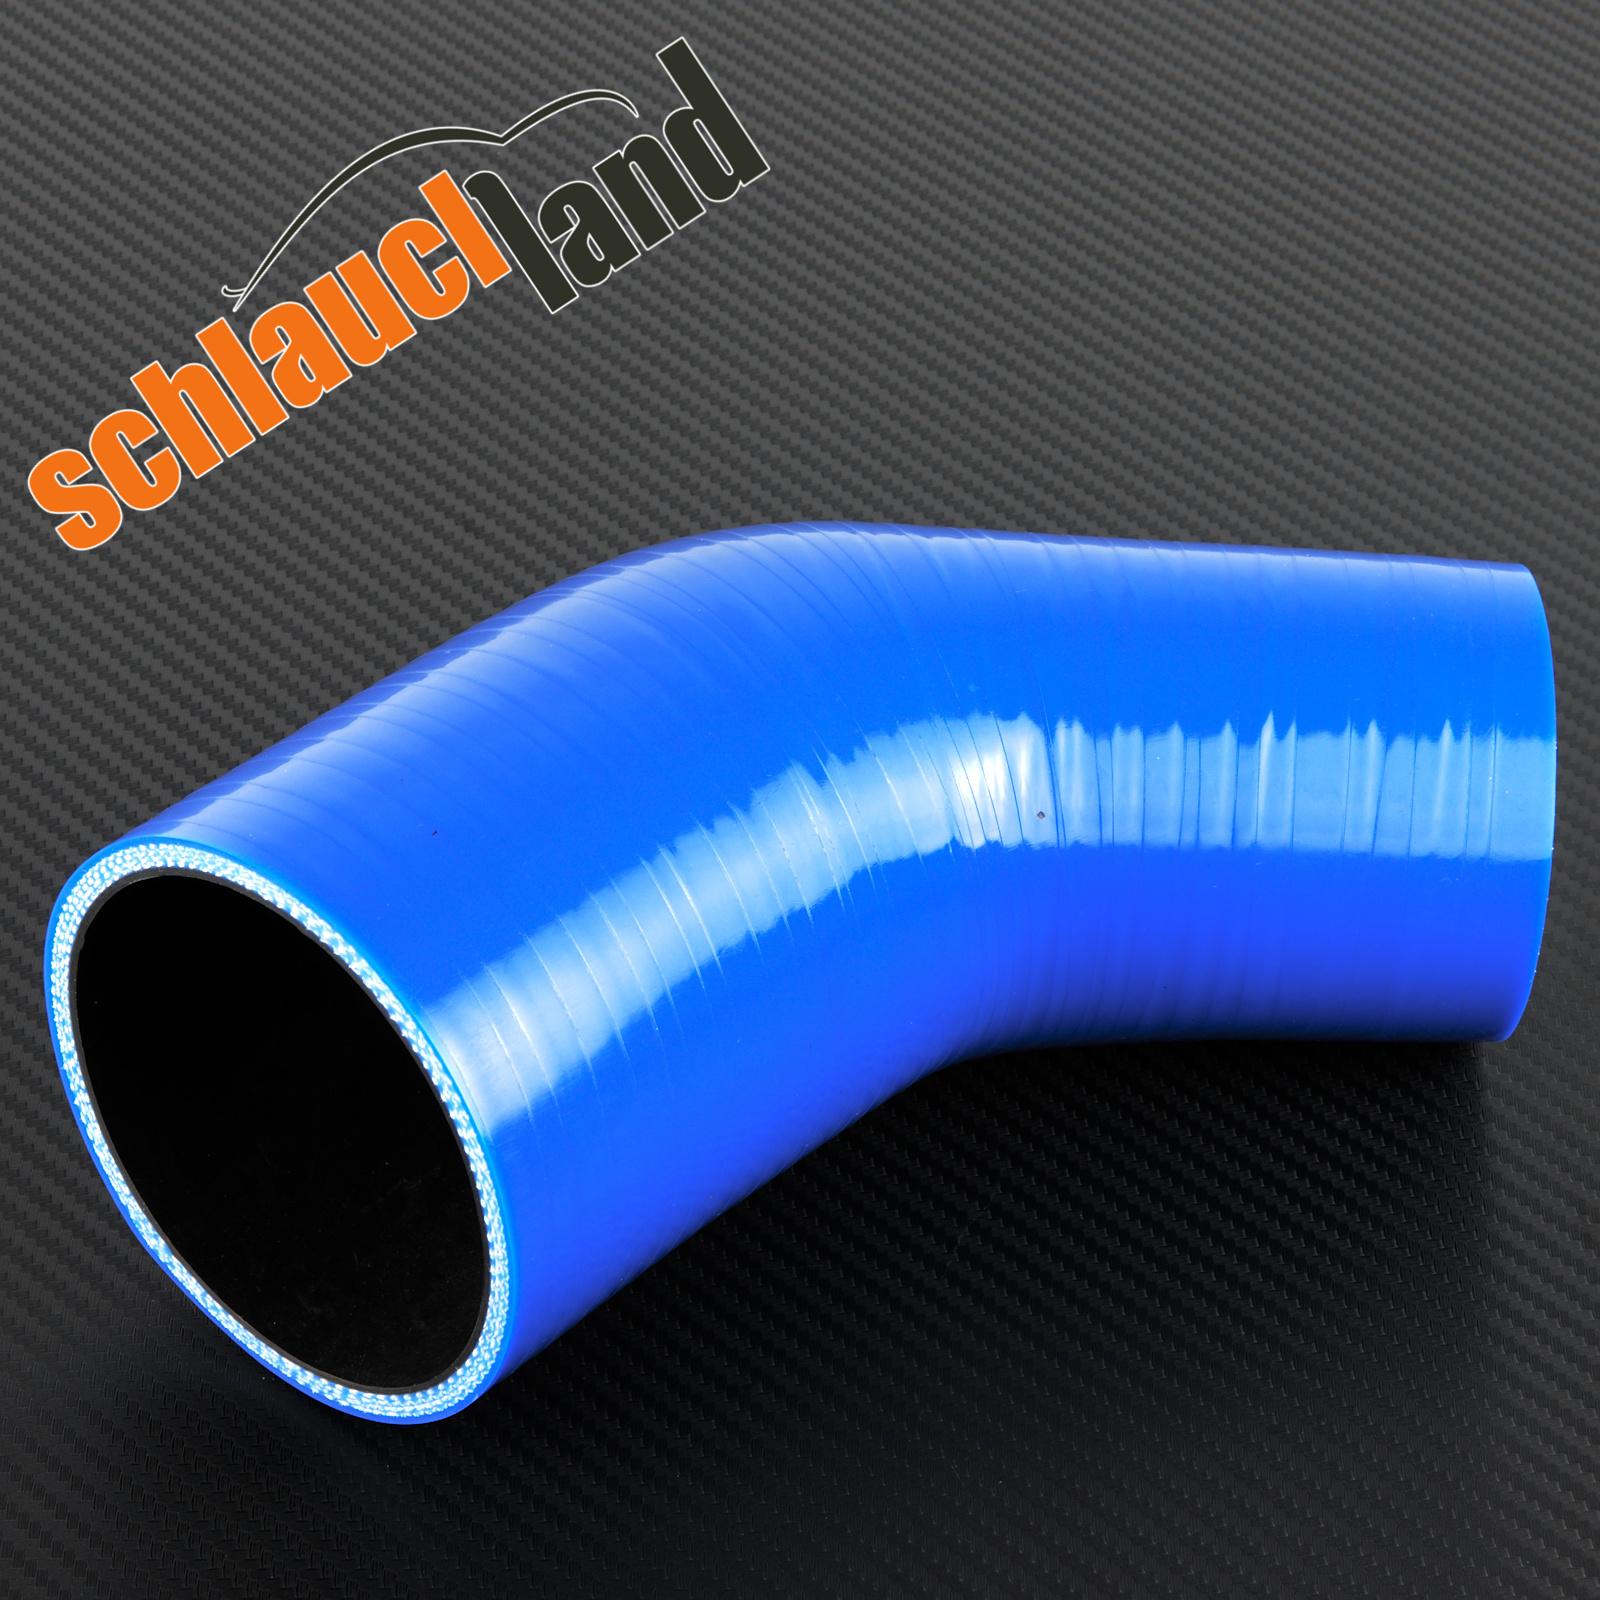 90/° Silikon-Reduzierbogen ID 76-64mm blau*** Silikonschlauch Reduzierer Reduzierung LLK